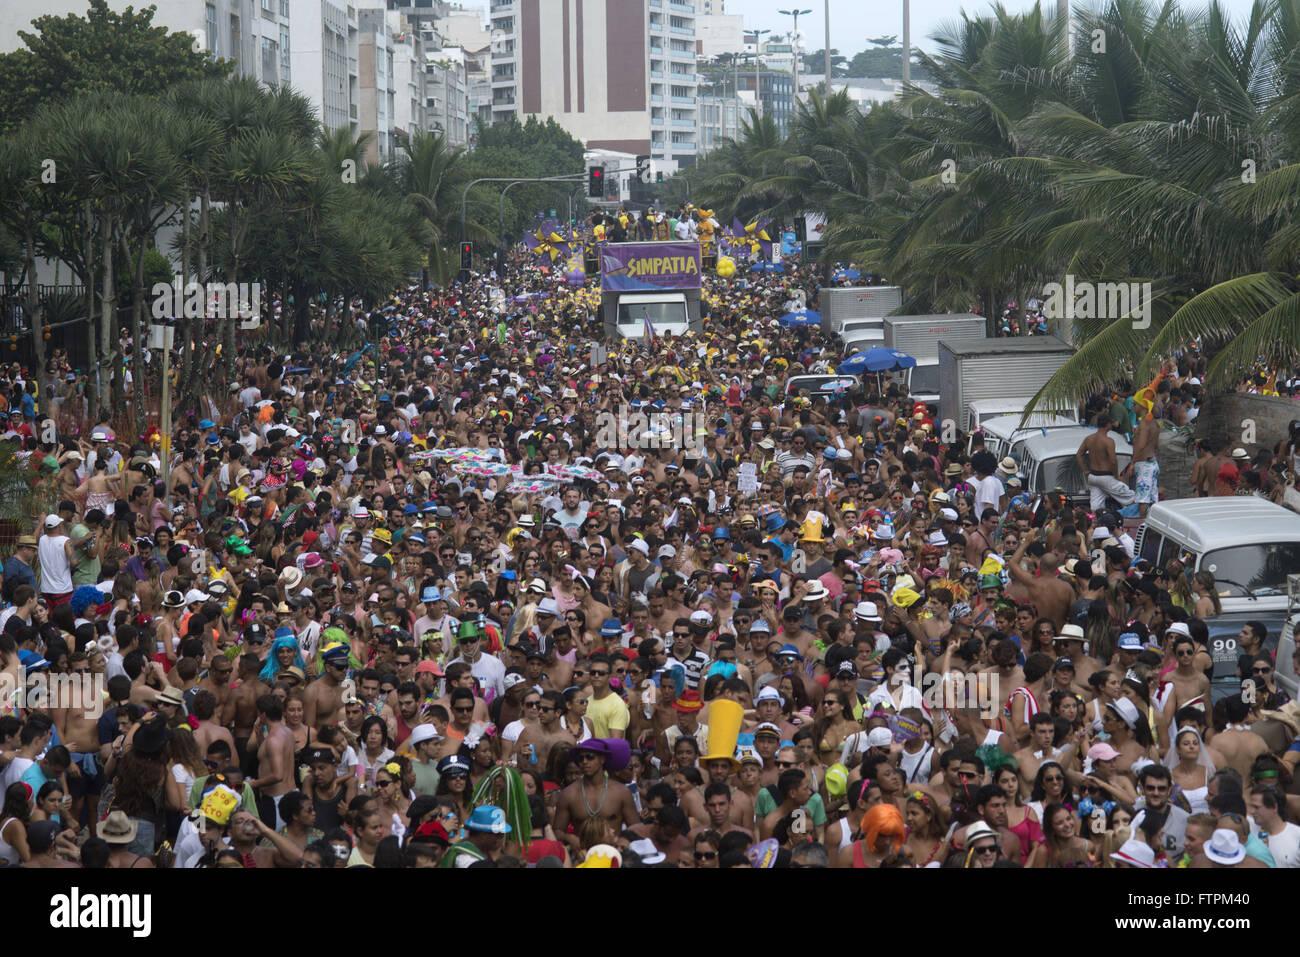 In seguito la folla quasi amore e simpatia nota sulla Avenida Vieira Souto Immagini Stock